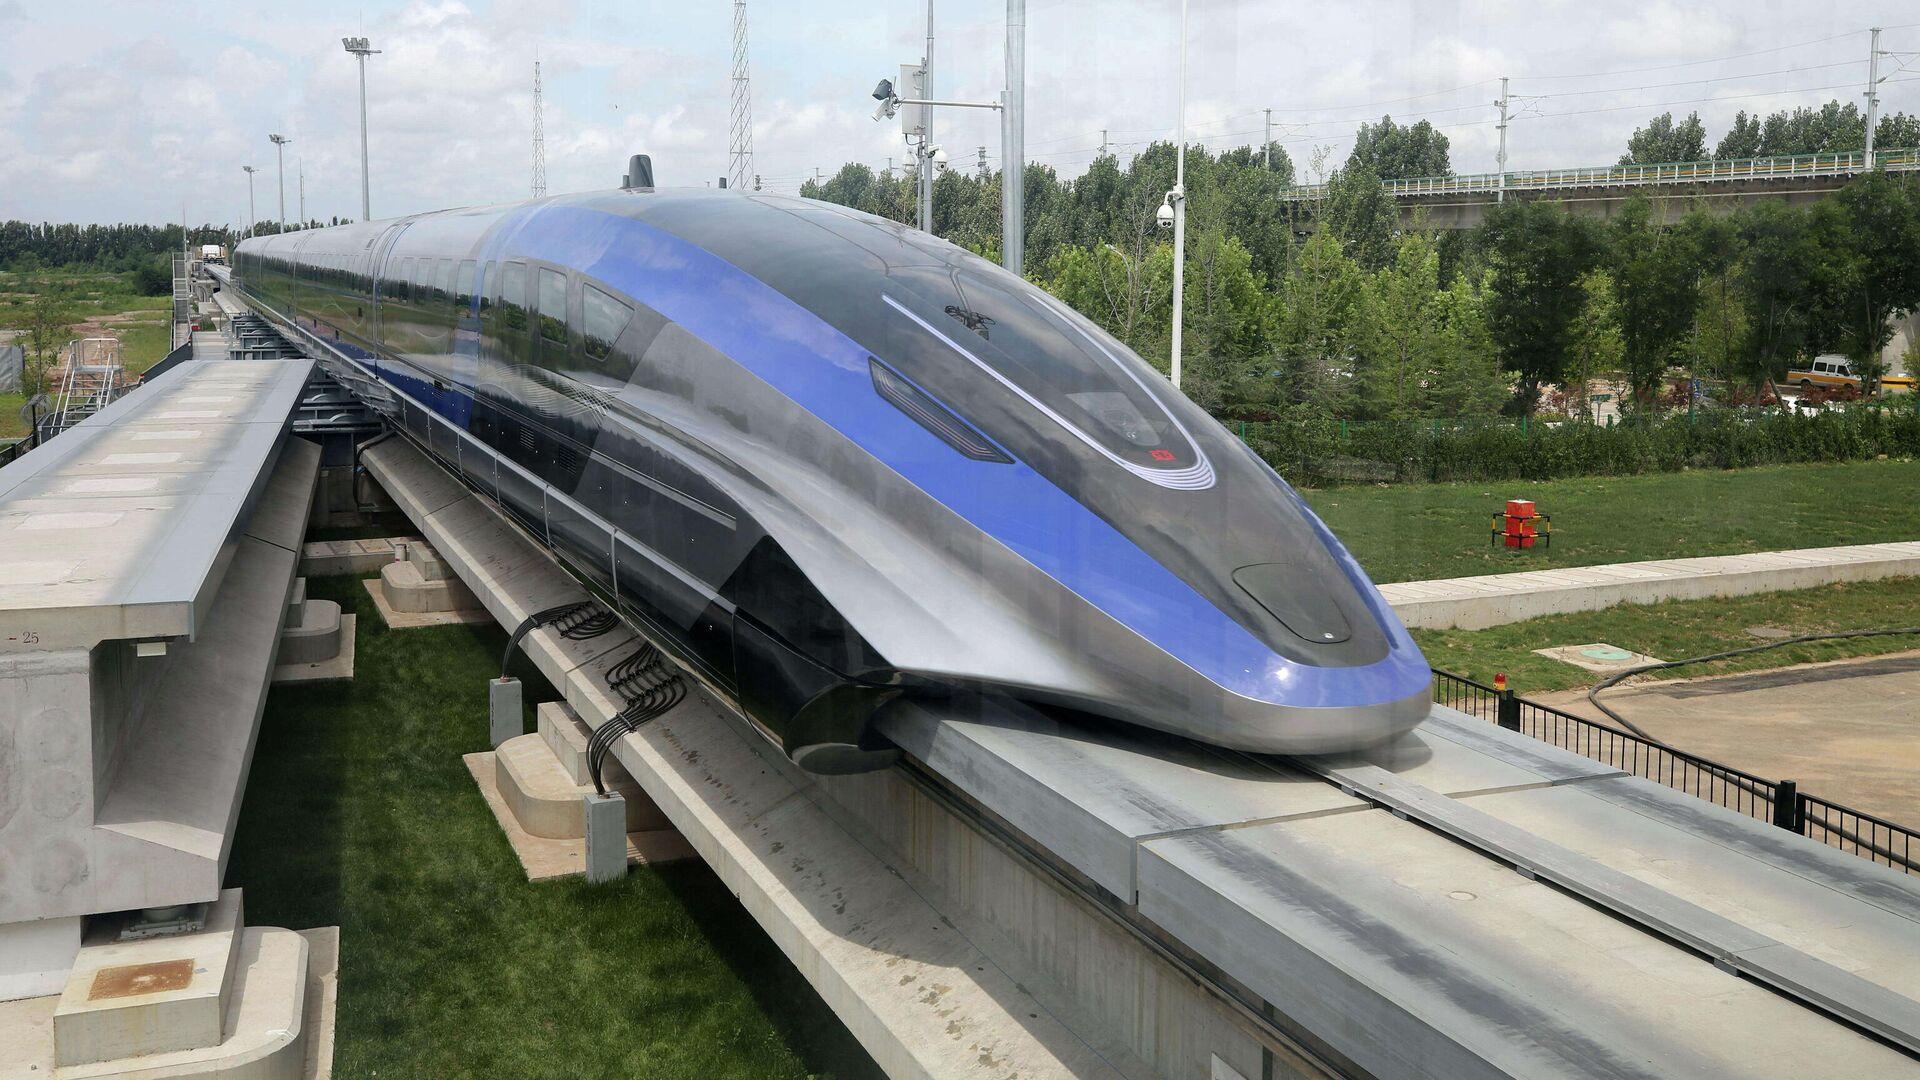 В Китае создали поезд на магнитной подушке, развивающий скорость движения до 600 км/ч